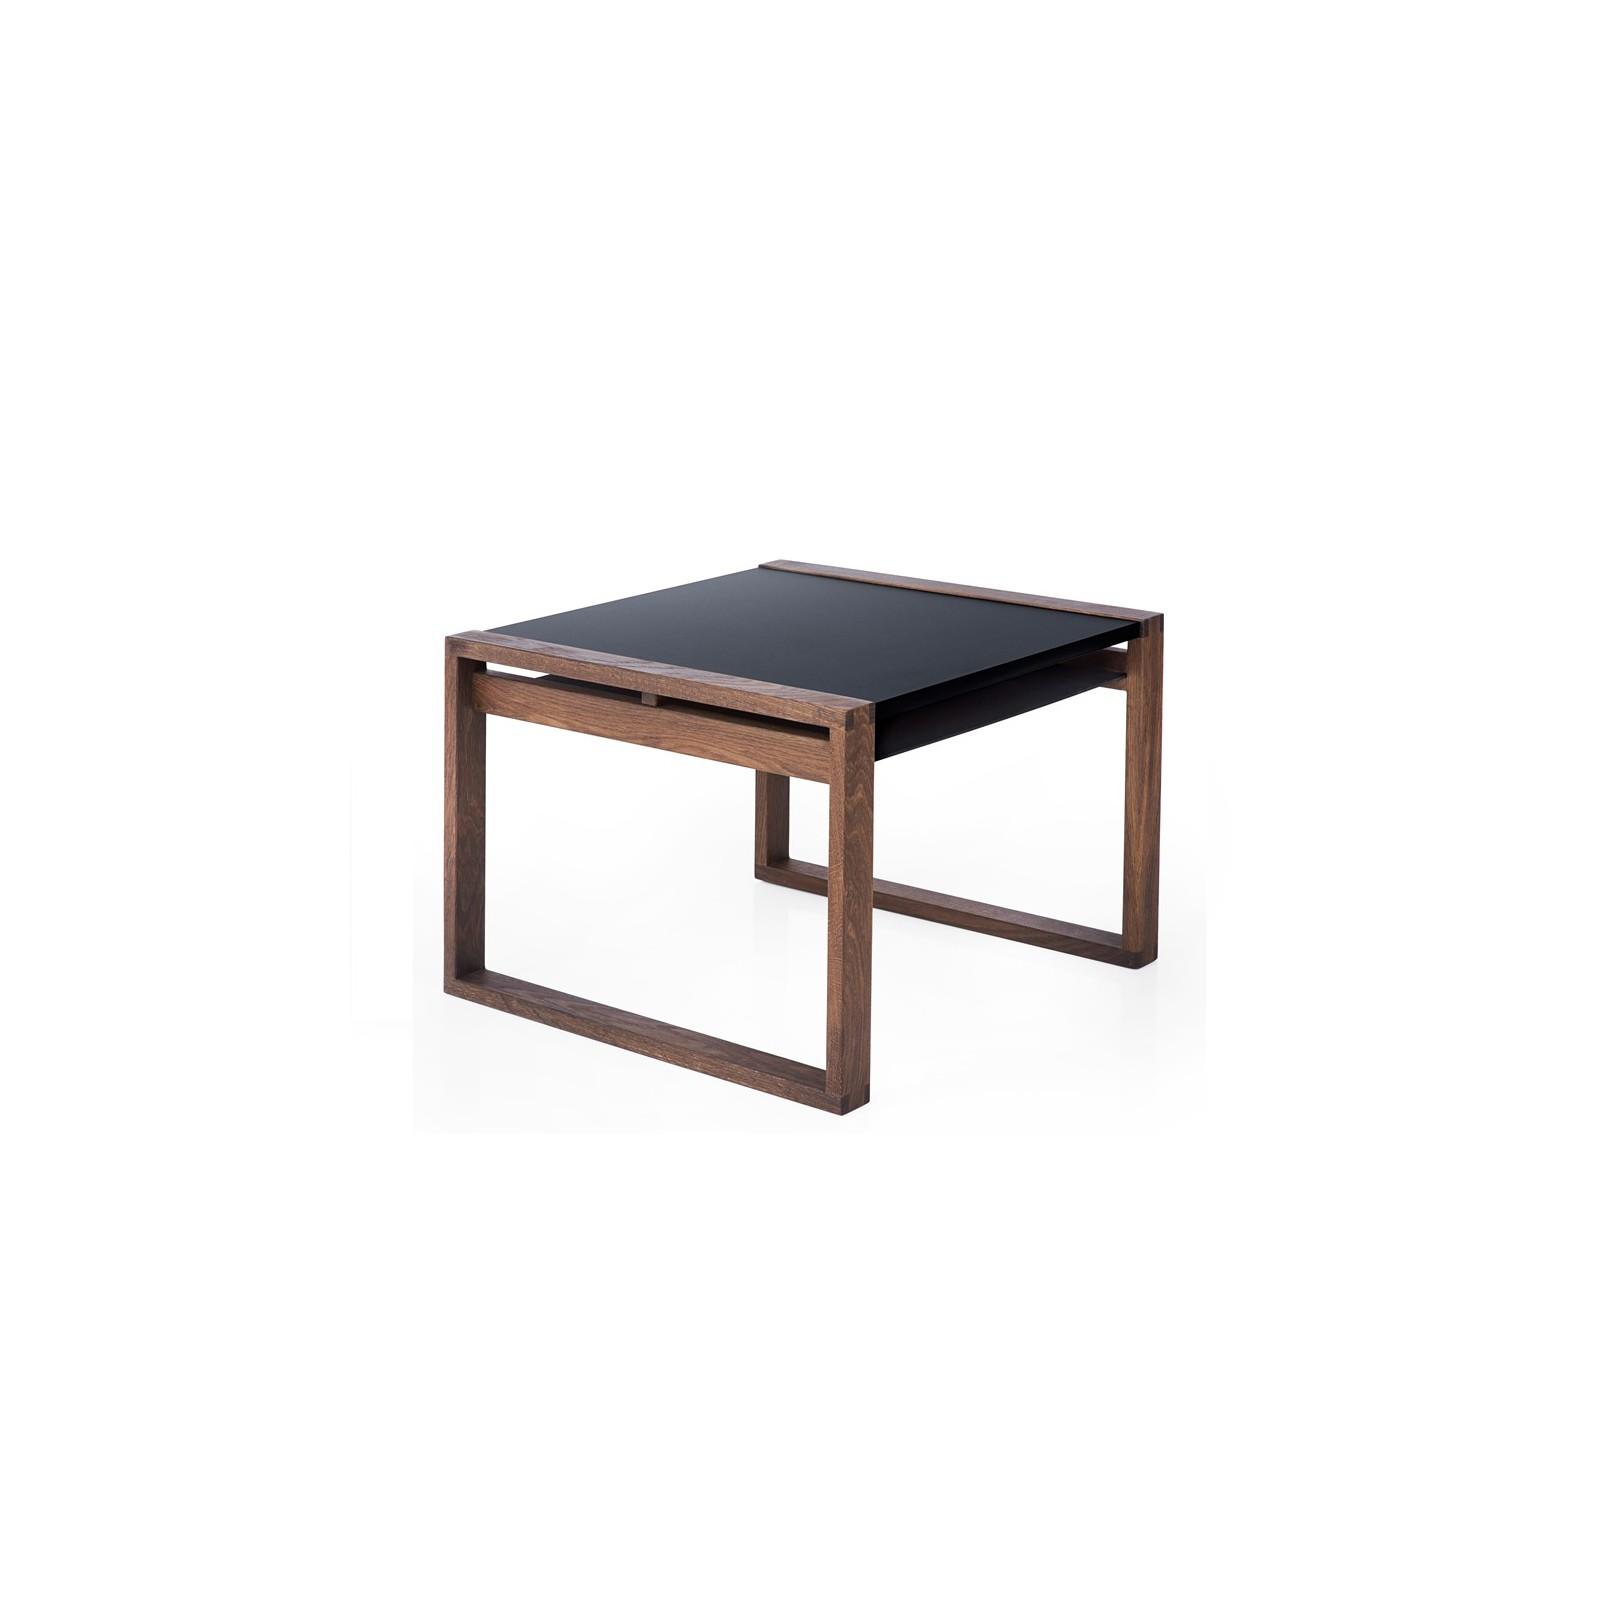 table cadre noir et bois teinte